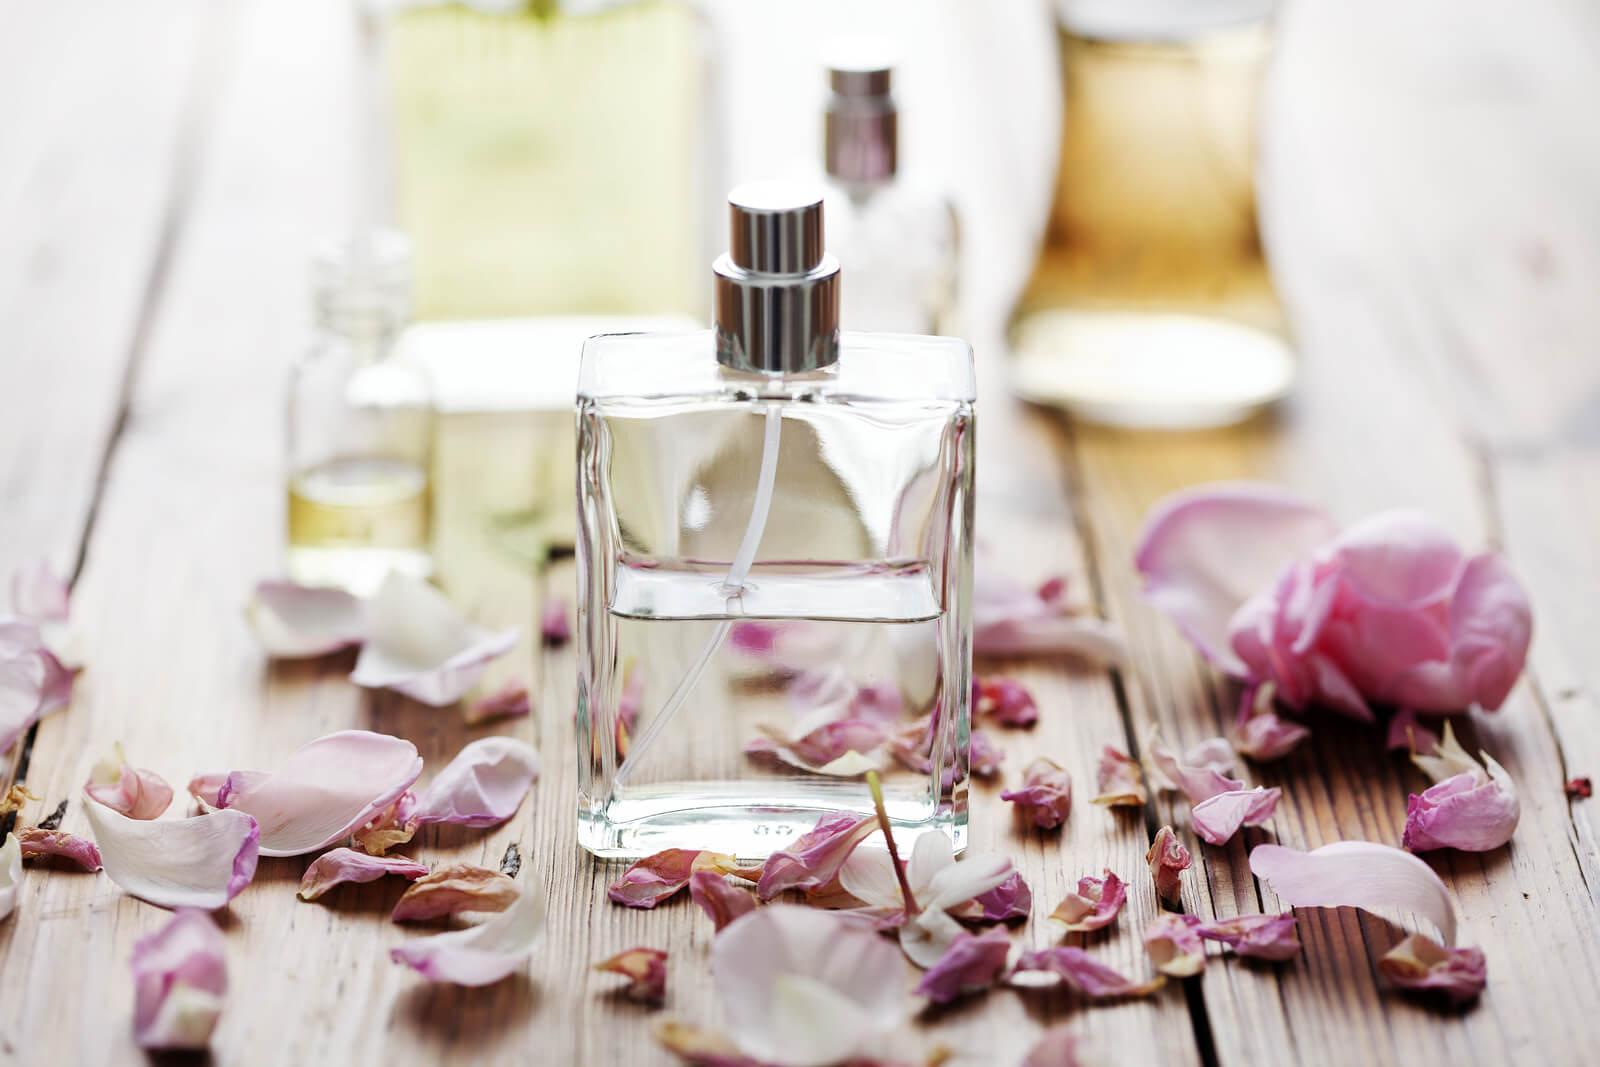 как красивые картинки парфюм для сайта активных болельщиков